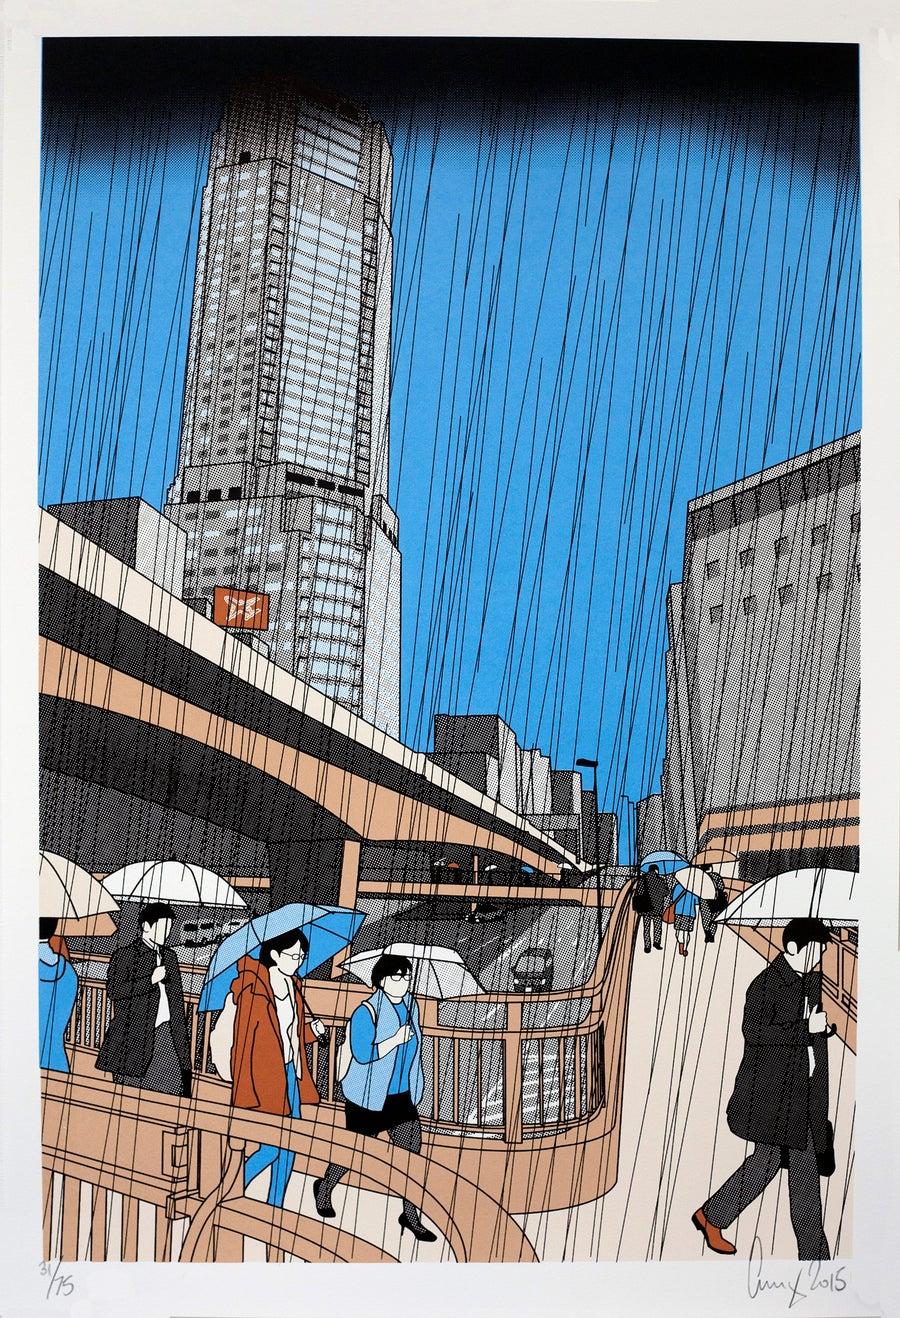 Image of Shibuya in the rain